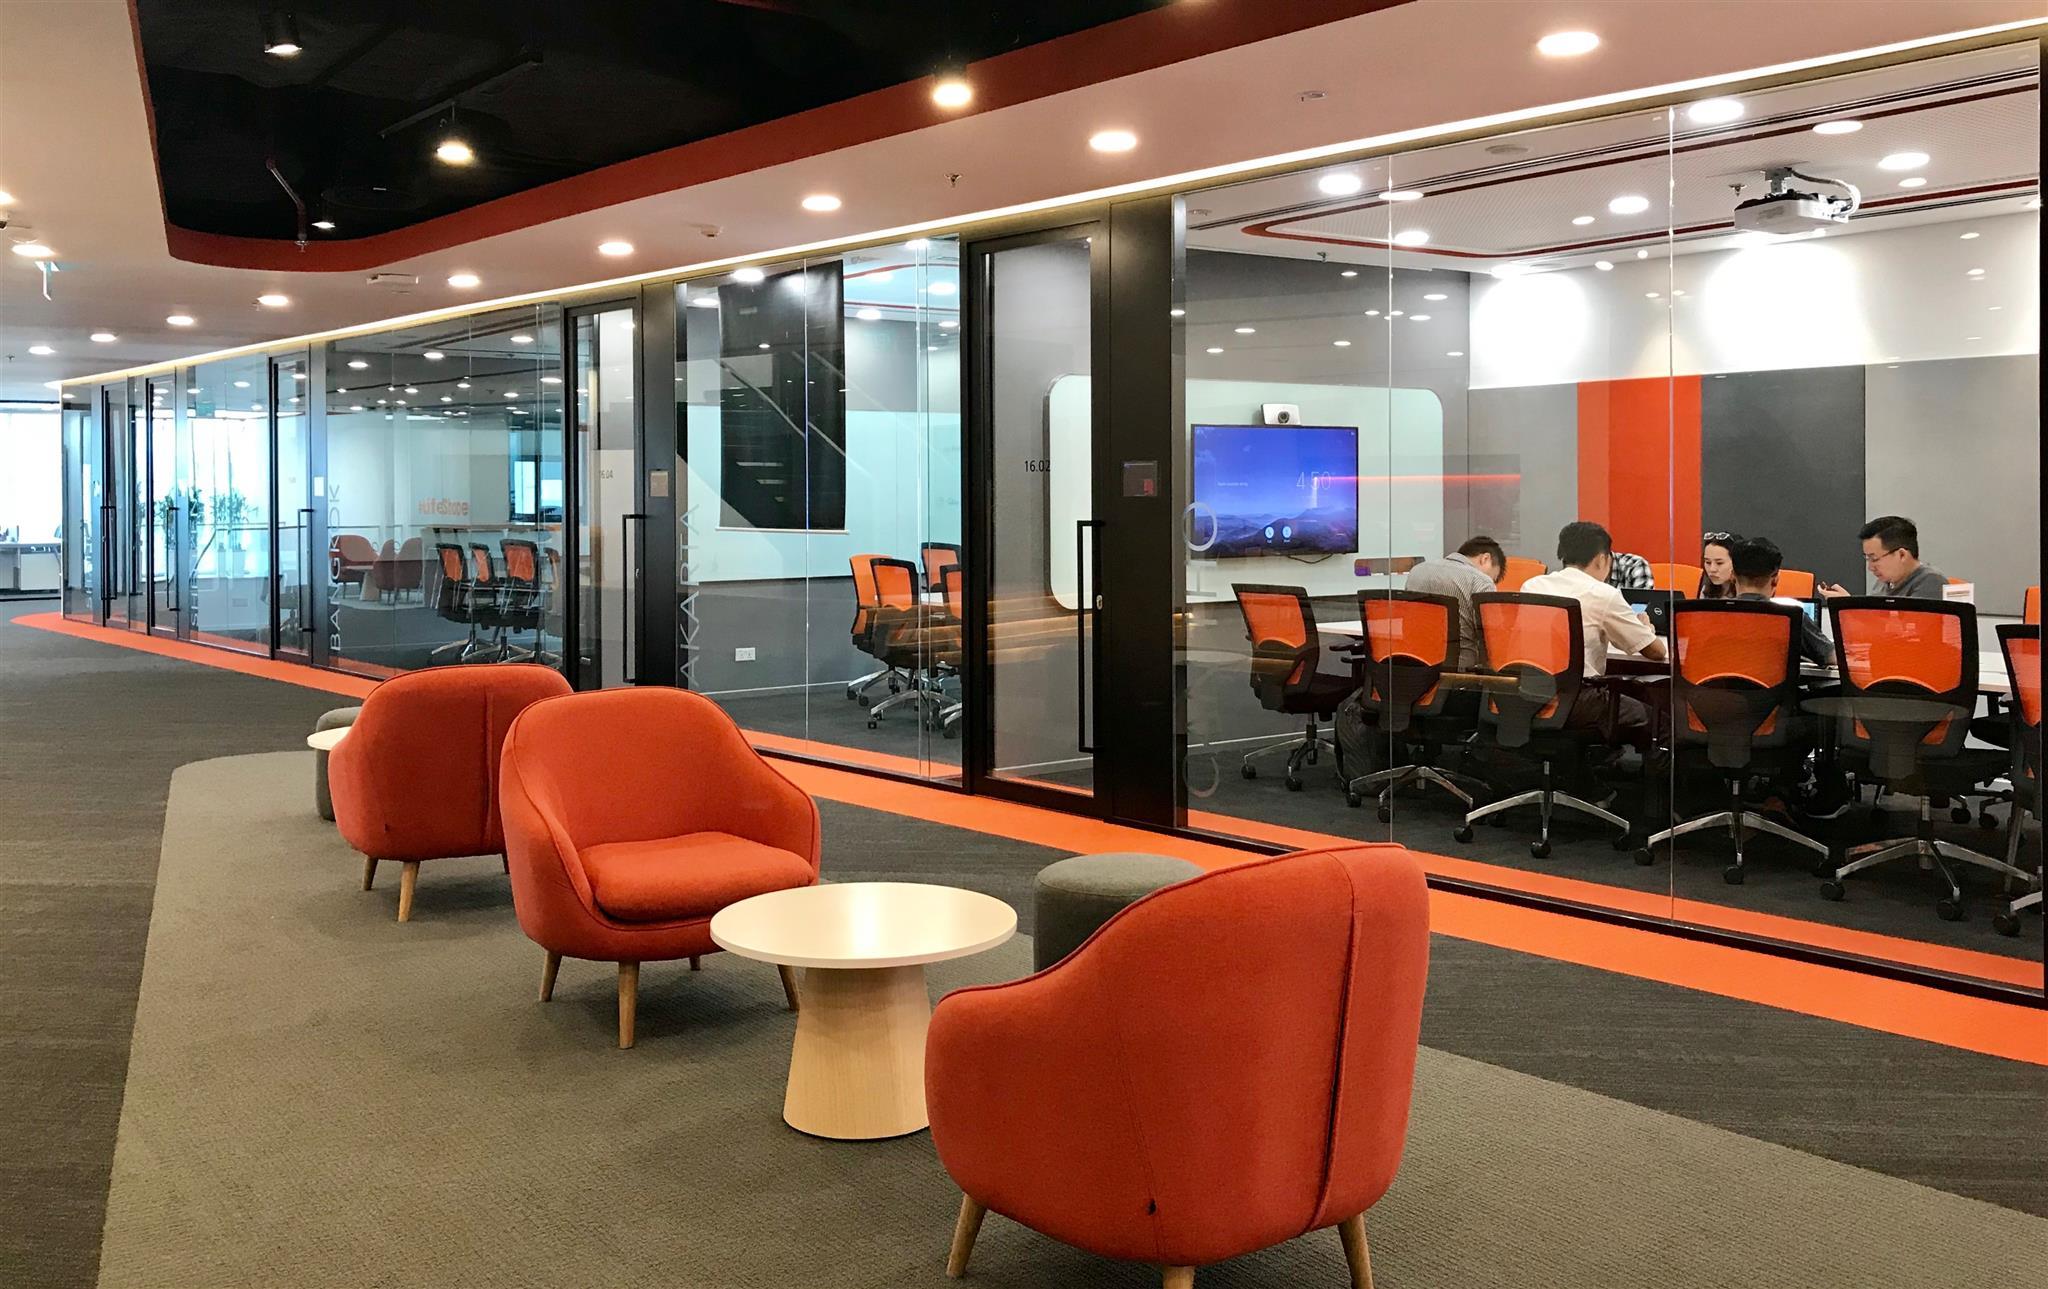 Không gian làm việc năng động khiến nhiều người trẻ muốn trải nghiệm tại shopee